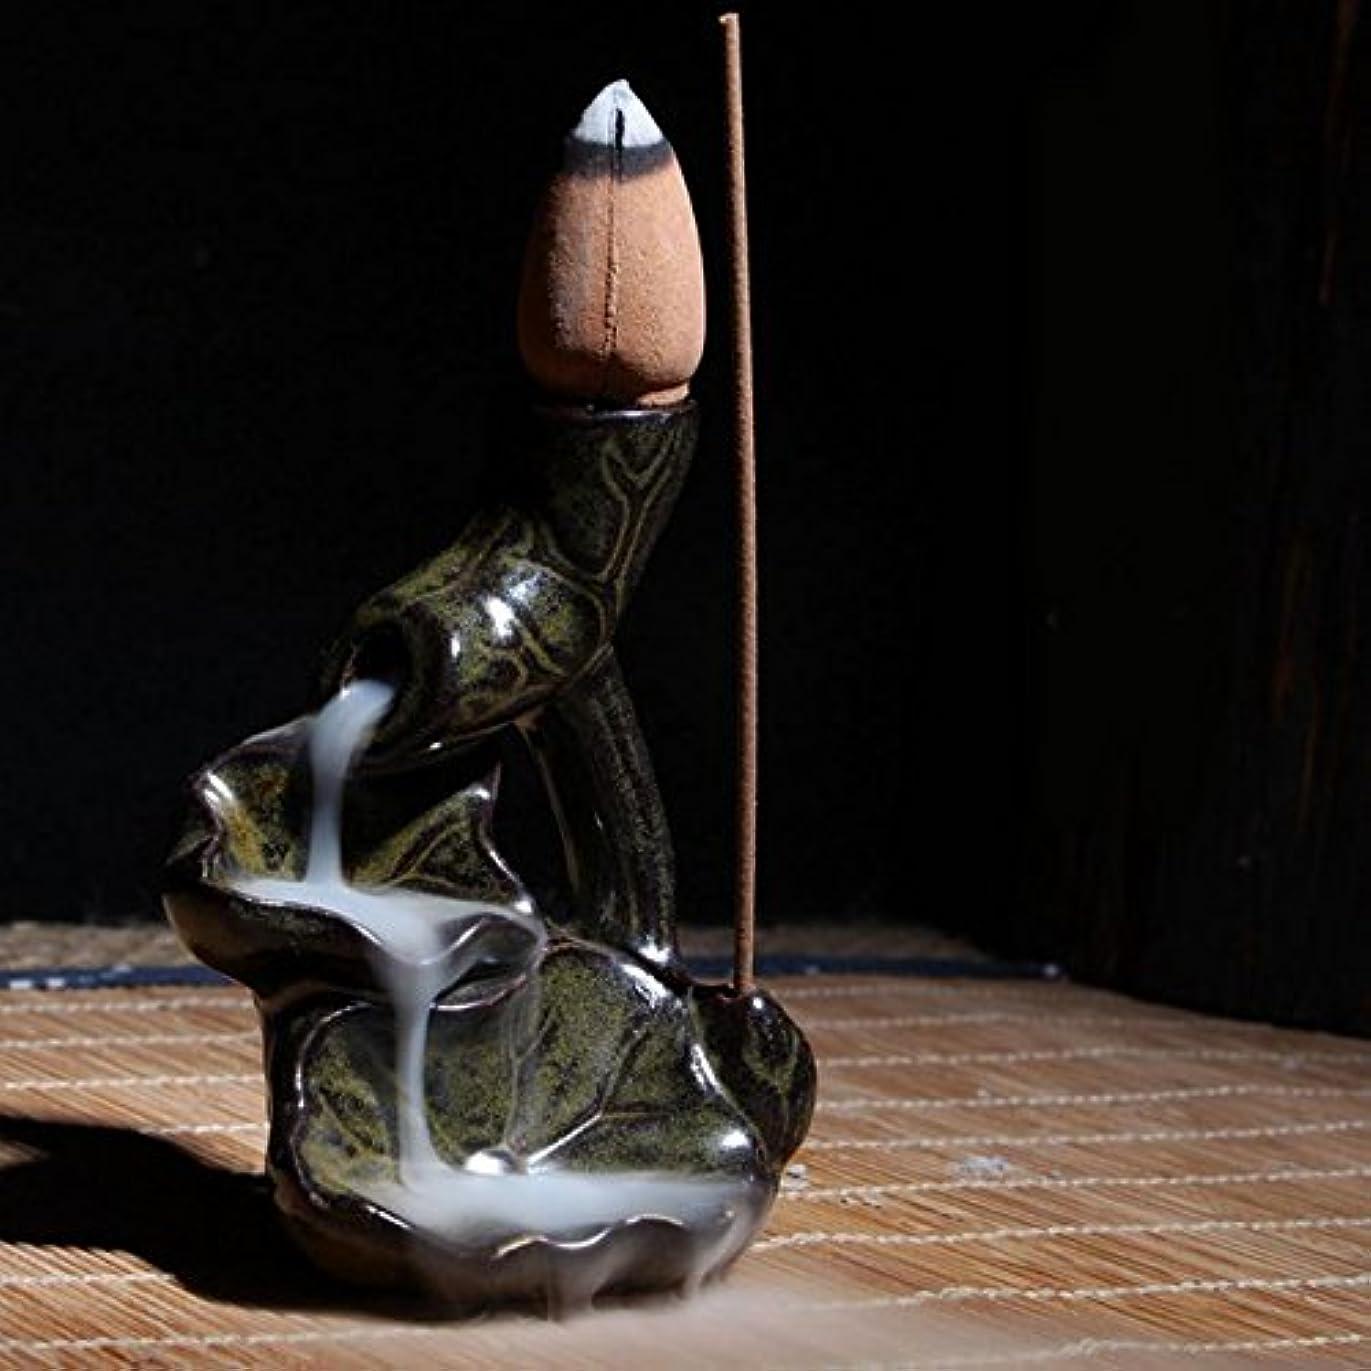 教える高揚した知覚できる香炉ホルダー – 1 Piece Water LilyセラミックGlaze逆流香炉ホルダーコーン香立てホーム